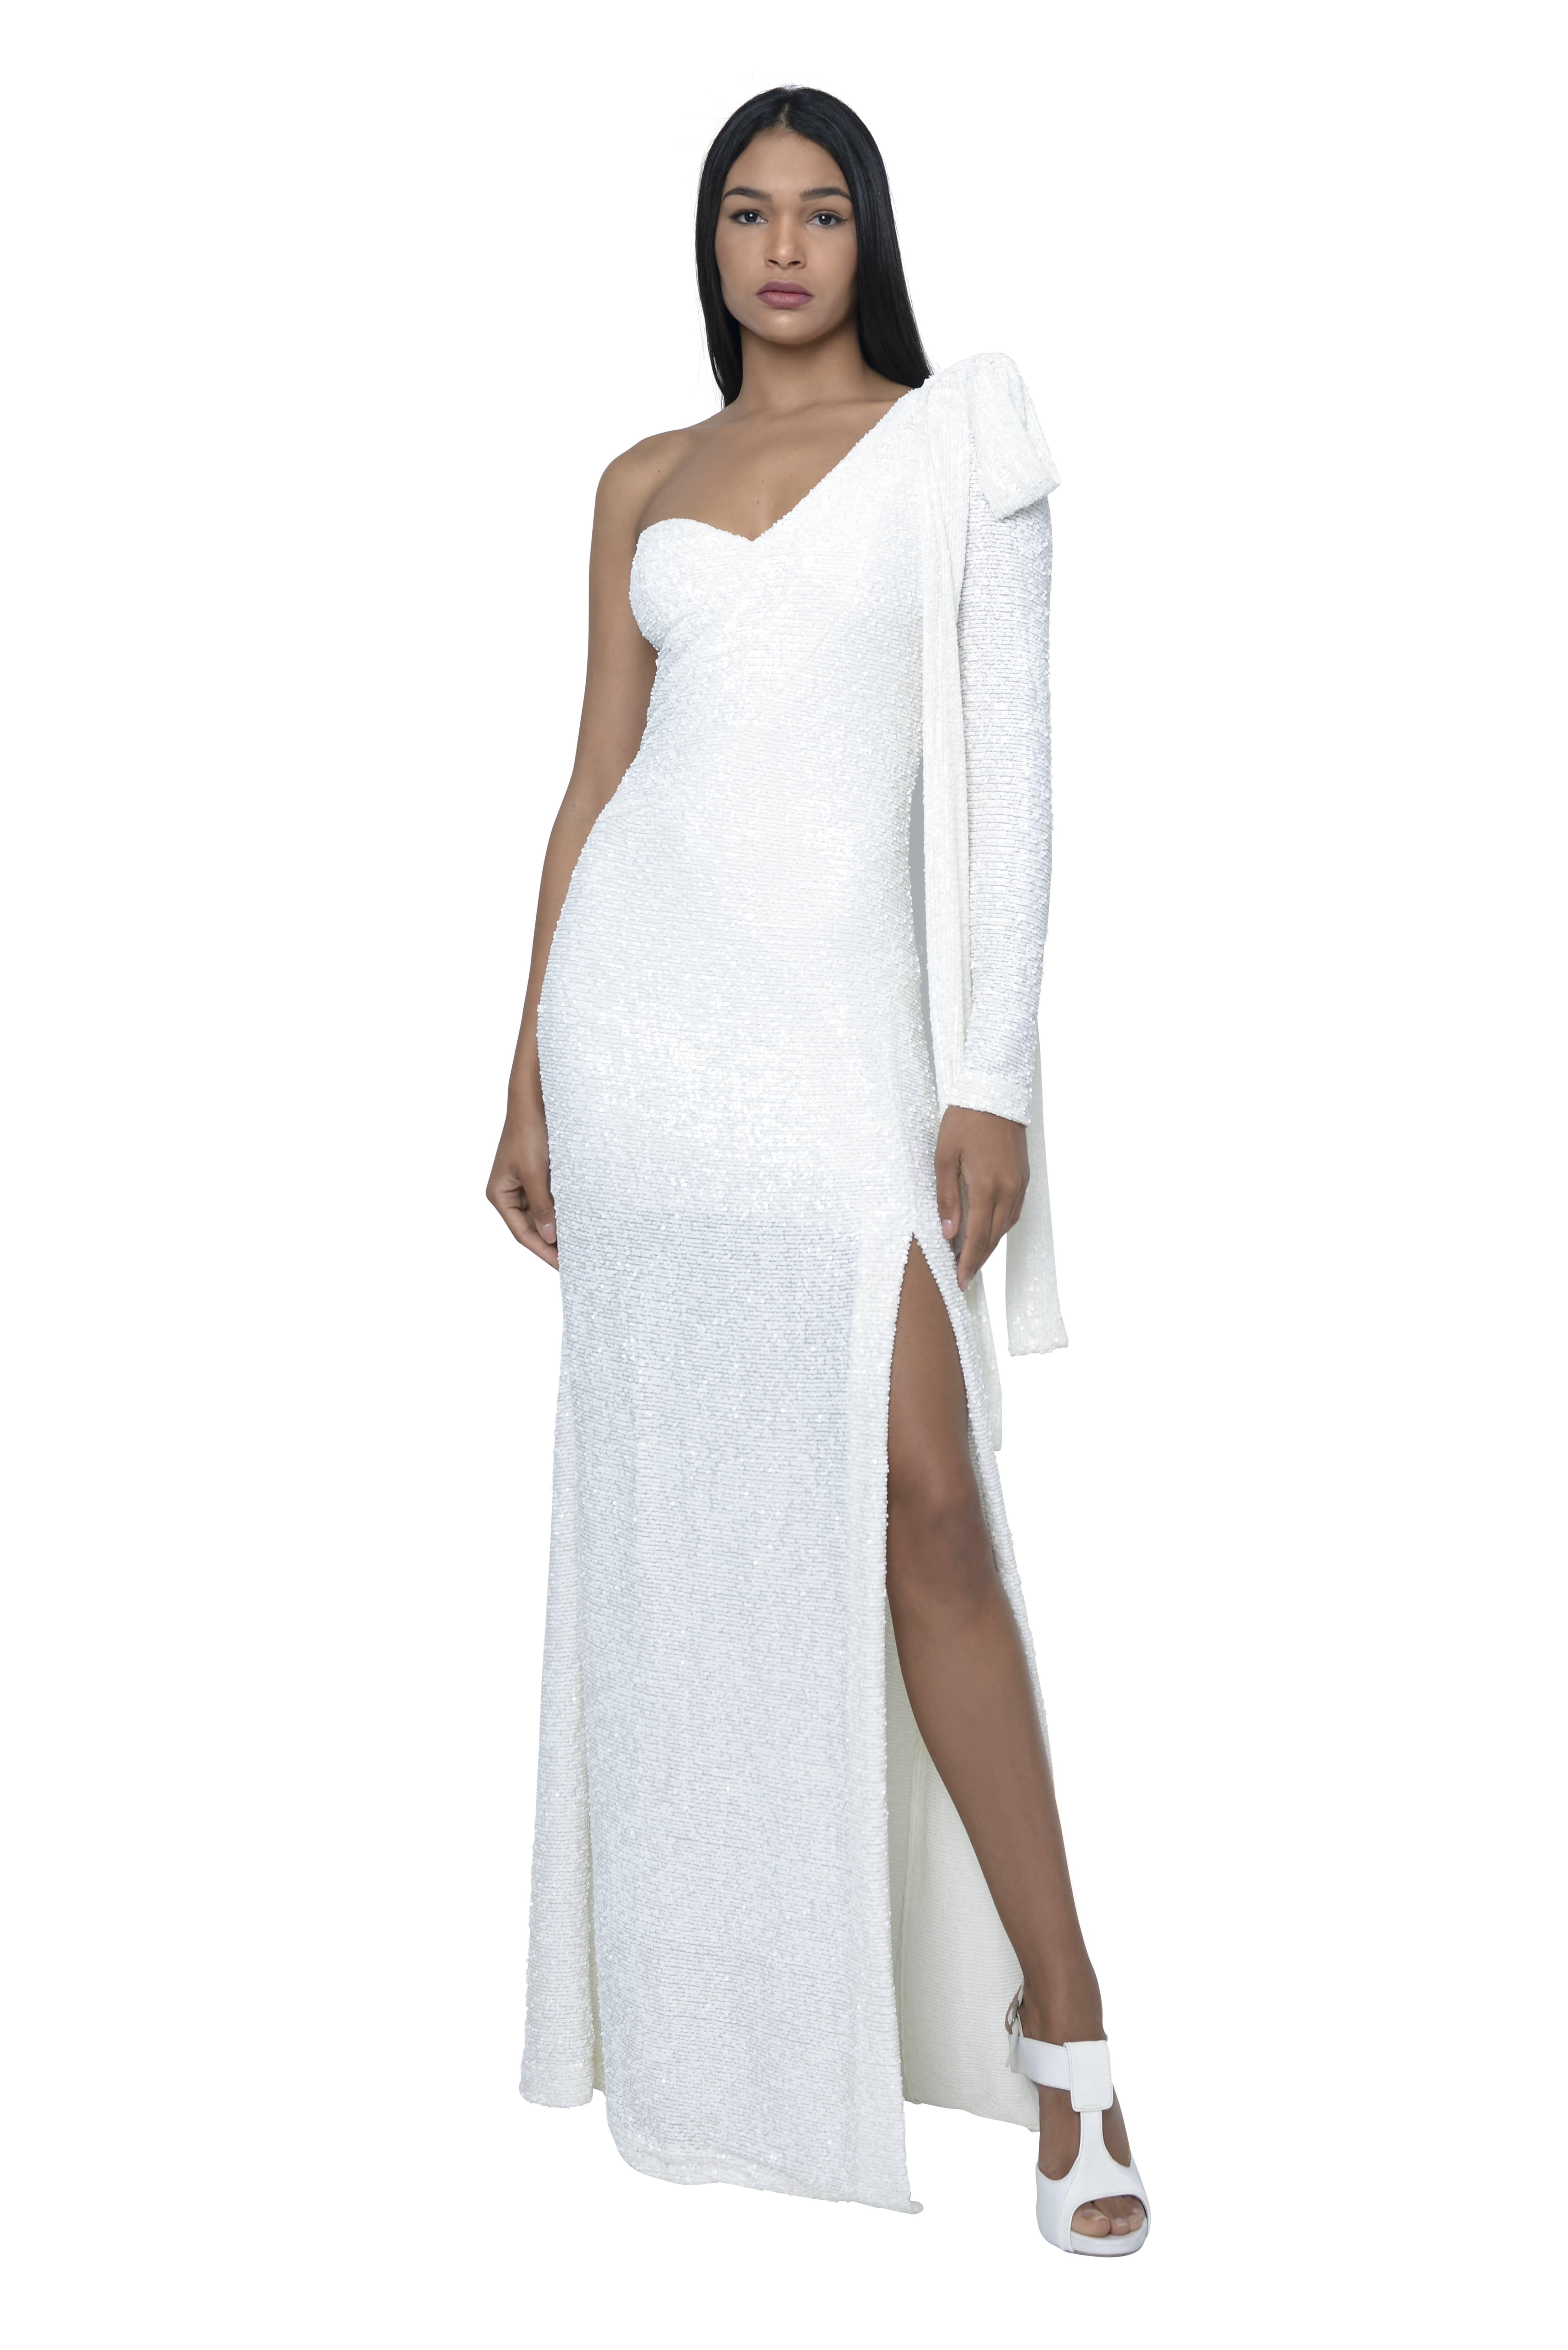 Dress MAGNÓLIA 0